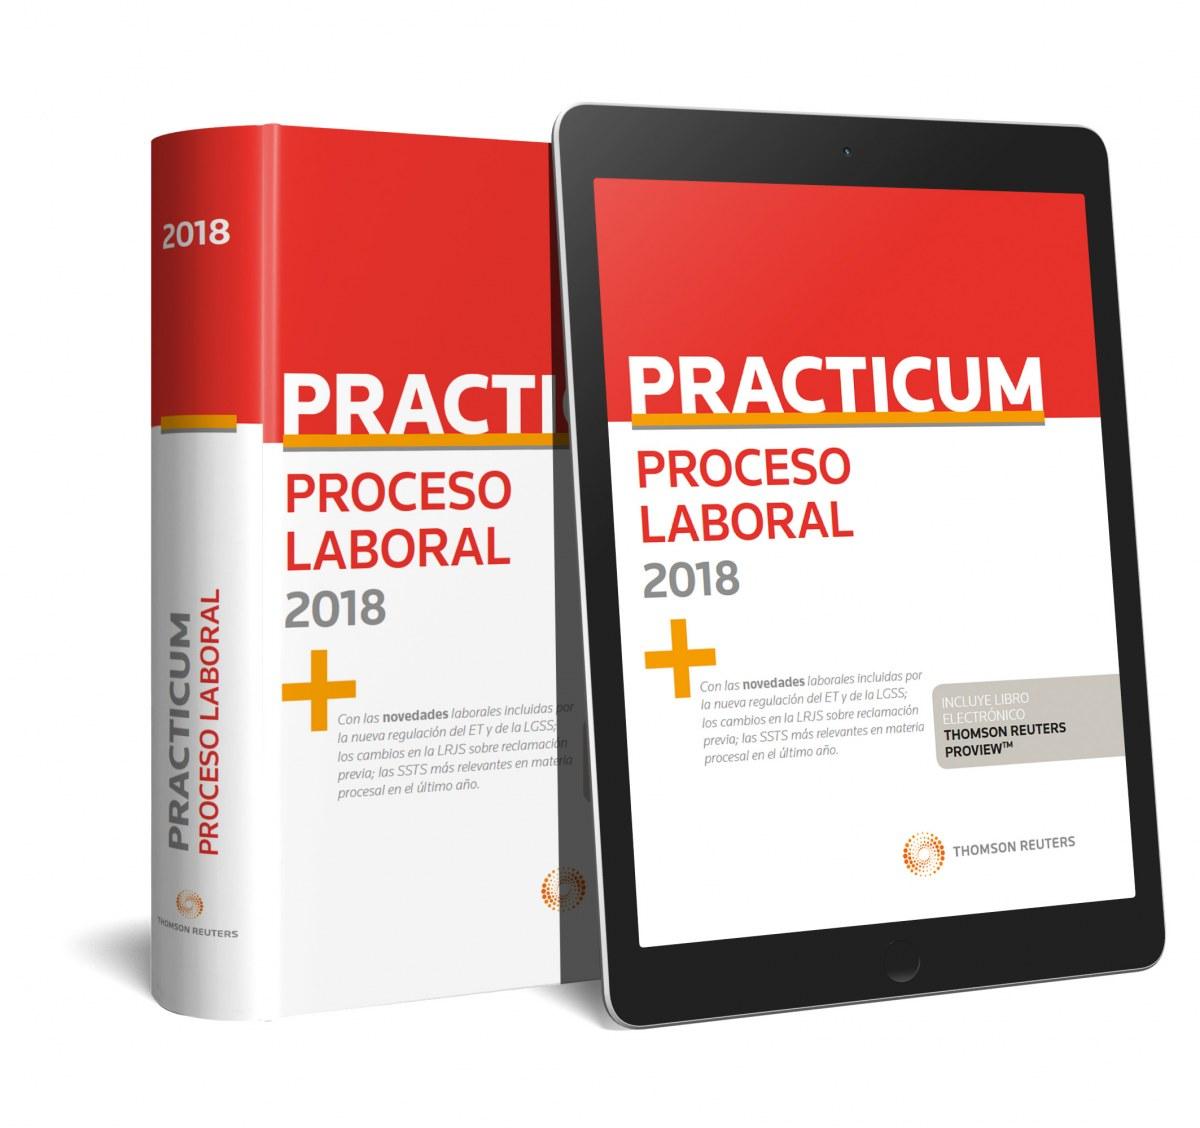 PRACTICUM PROCESO LABORAL 2018 (PAPEL + E-BOOK)